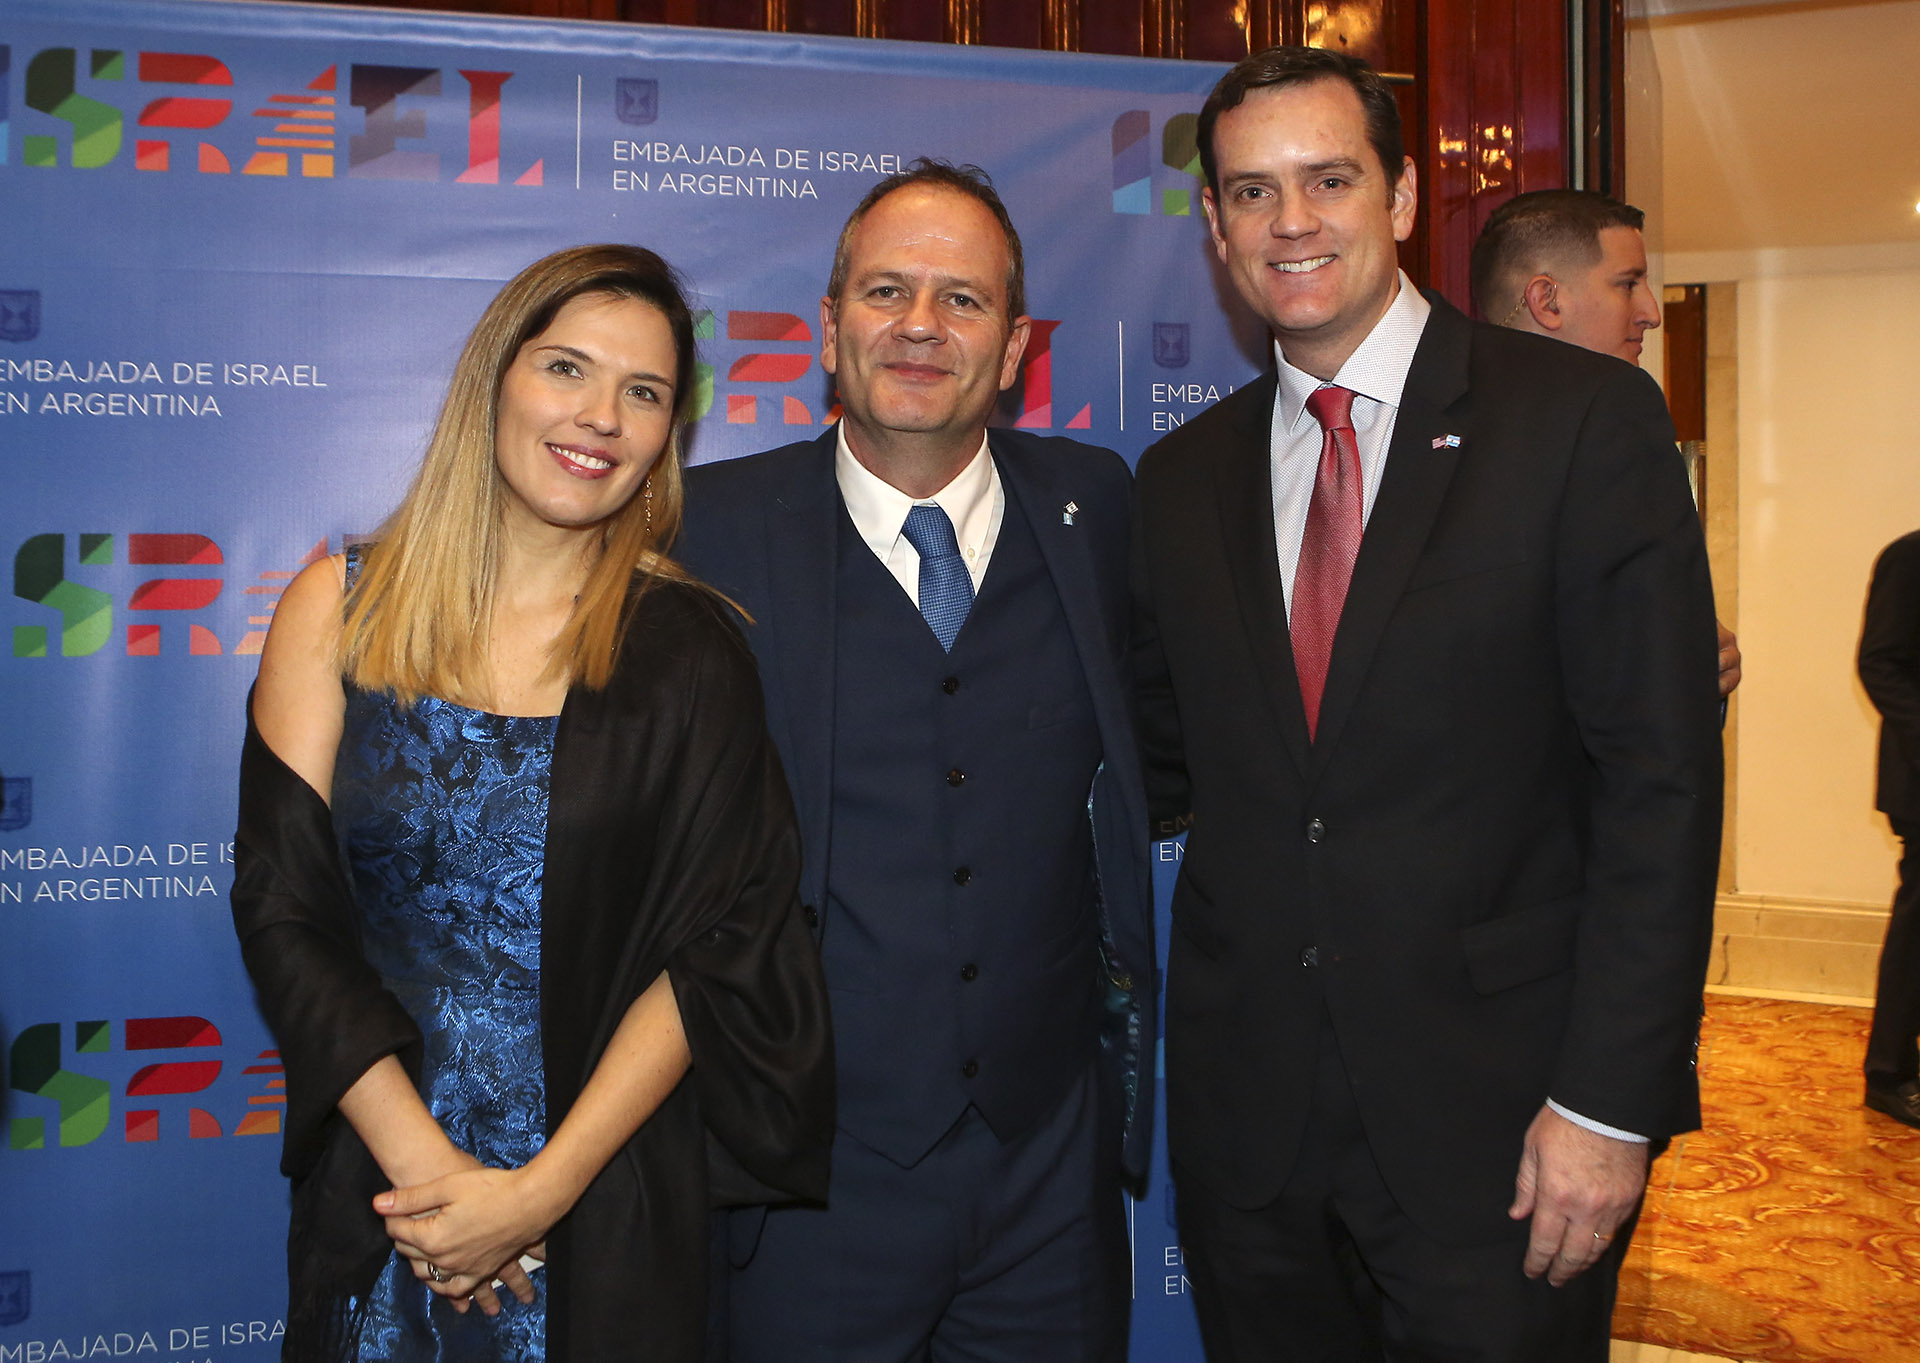 El embajador de Israel en la Argentina, Ilan Sztulman, y su mujer Jaqueline reciben al encargado de Negocios de la embajada de los Estados Unidos, Tom Cooney, en la gran recepción que tuvo lugar en el hotel Panamericano